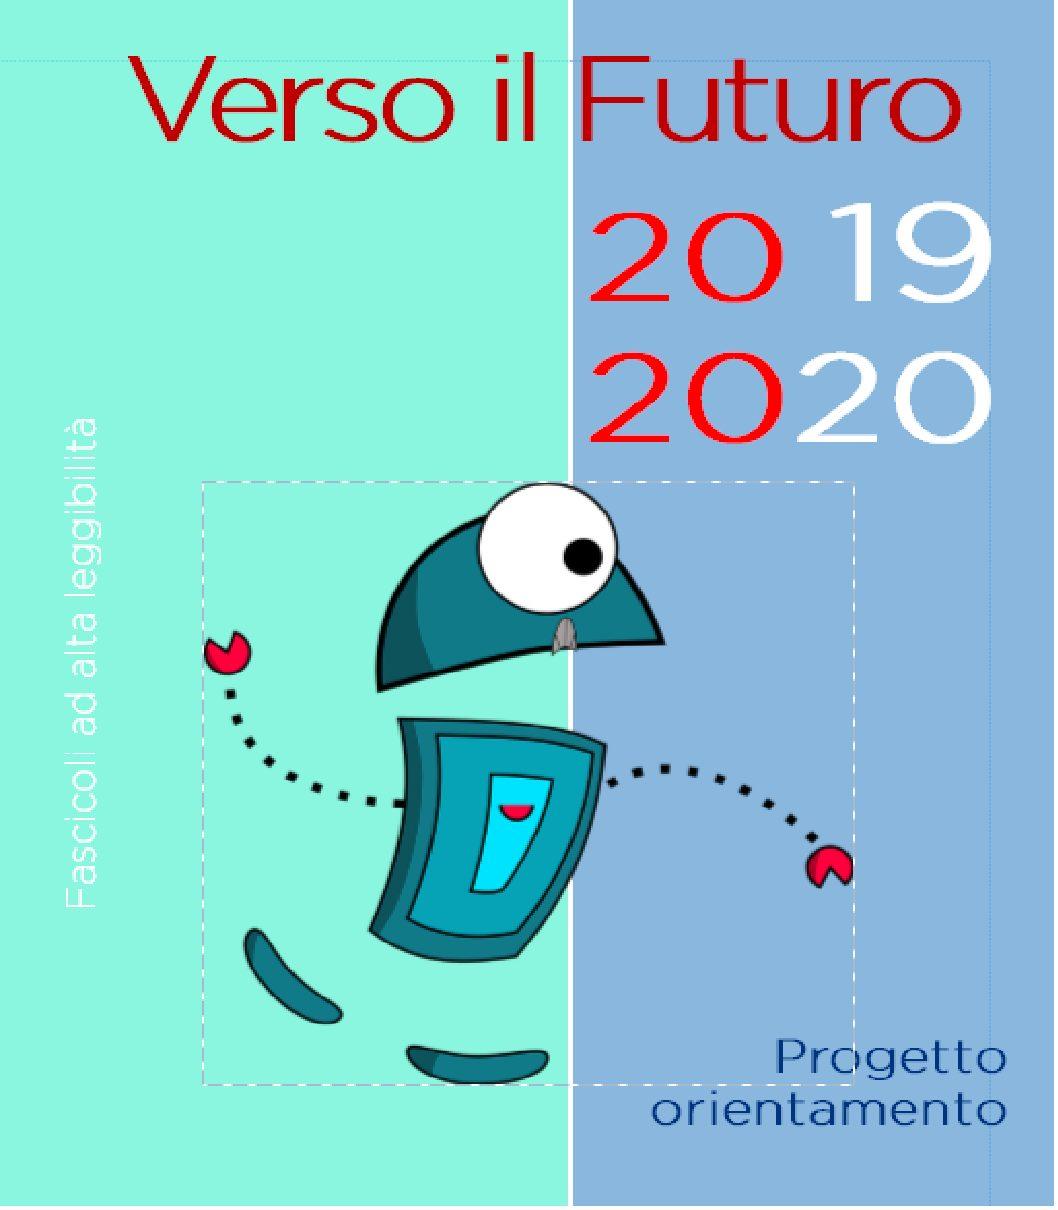 Verso il Futuro: scuole aderenti